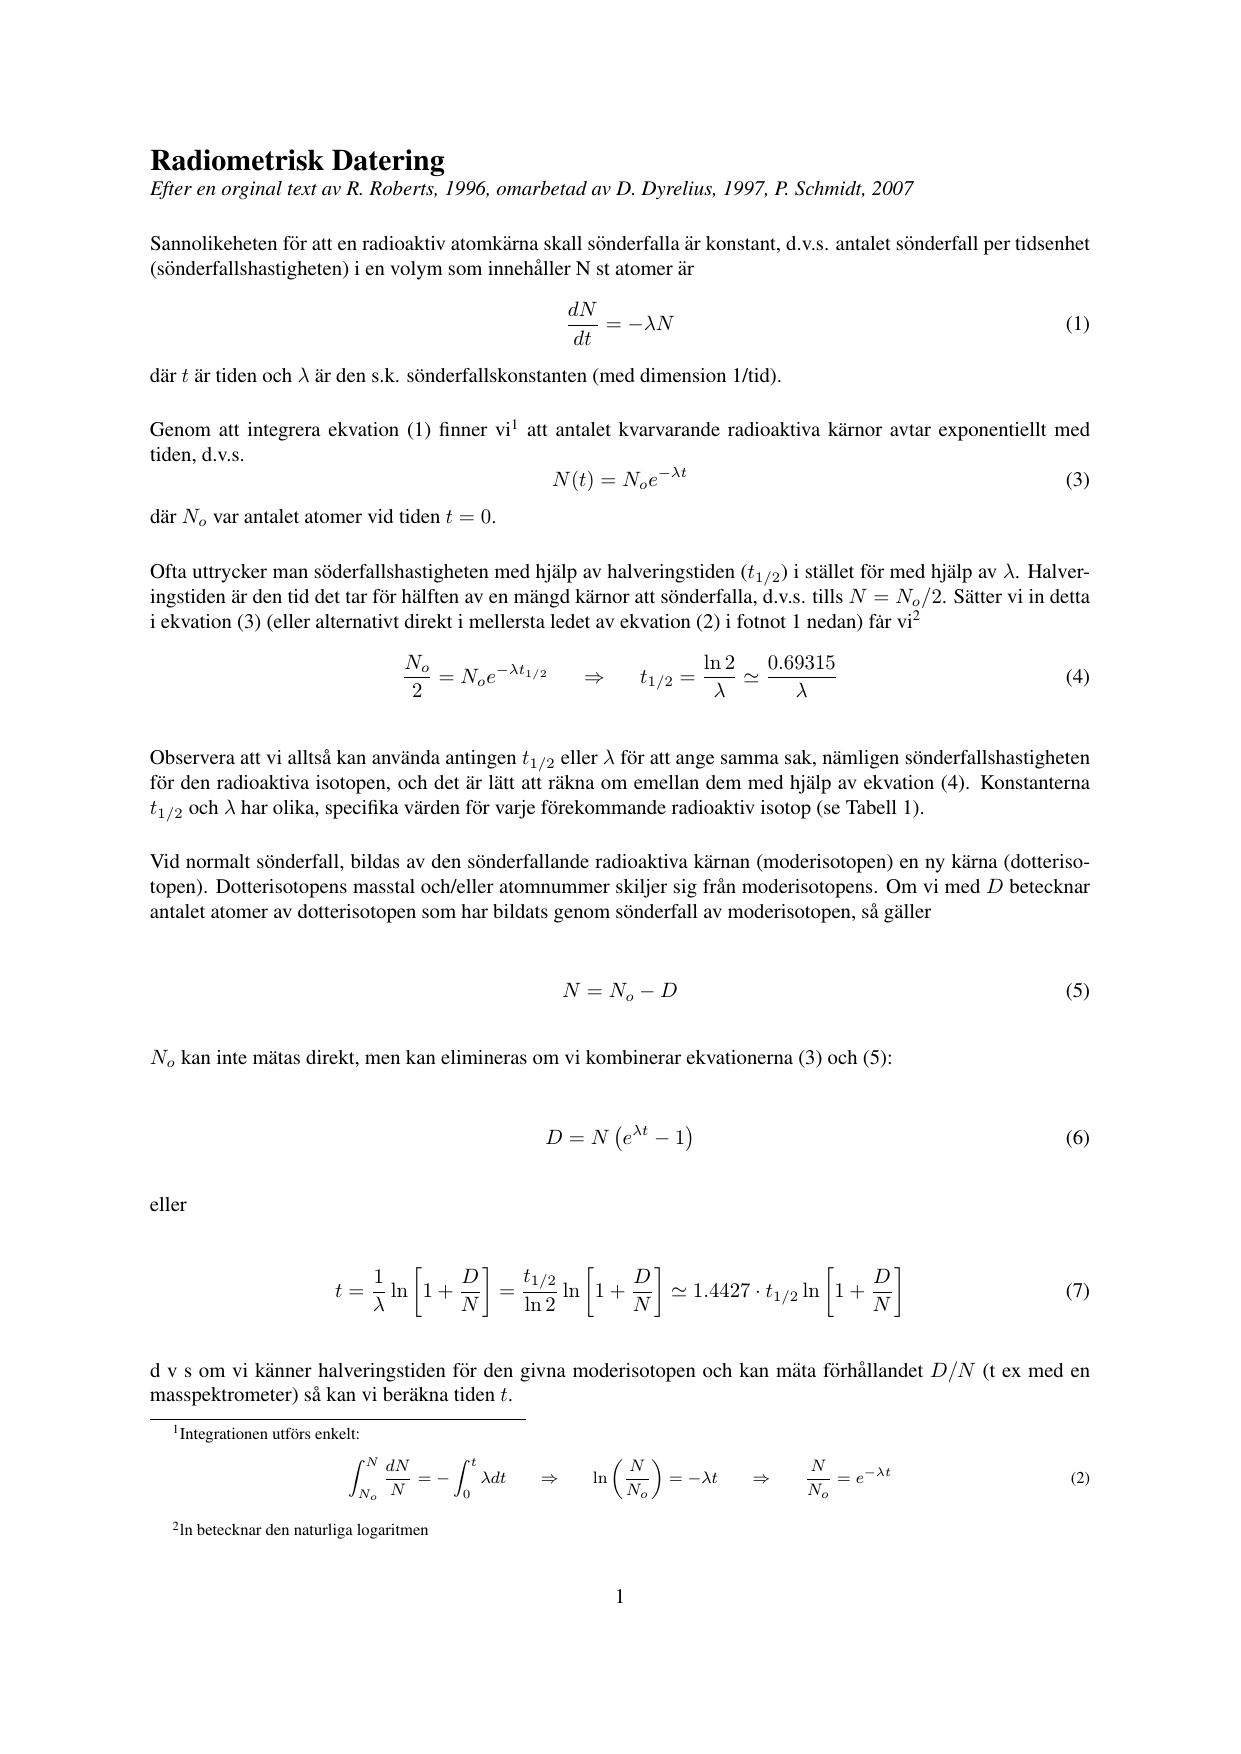 Radiometrisk datering halveringstid